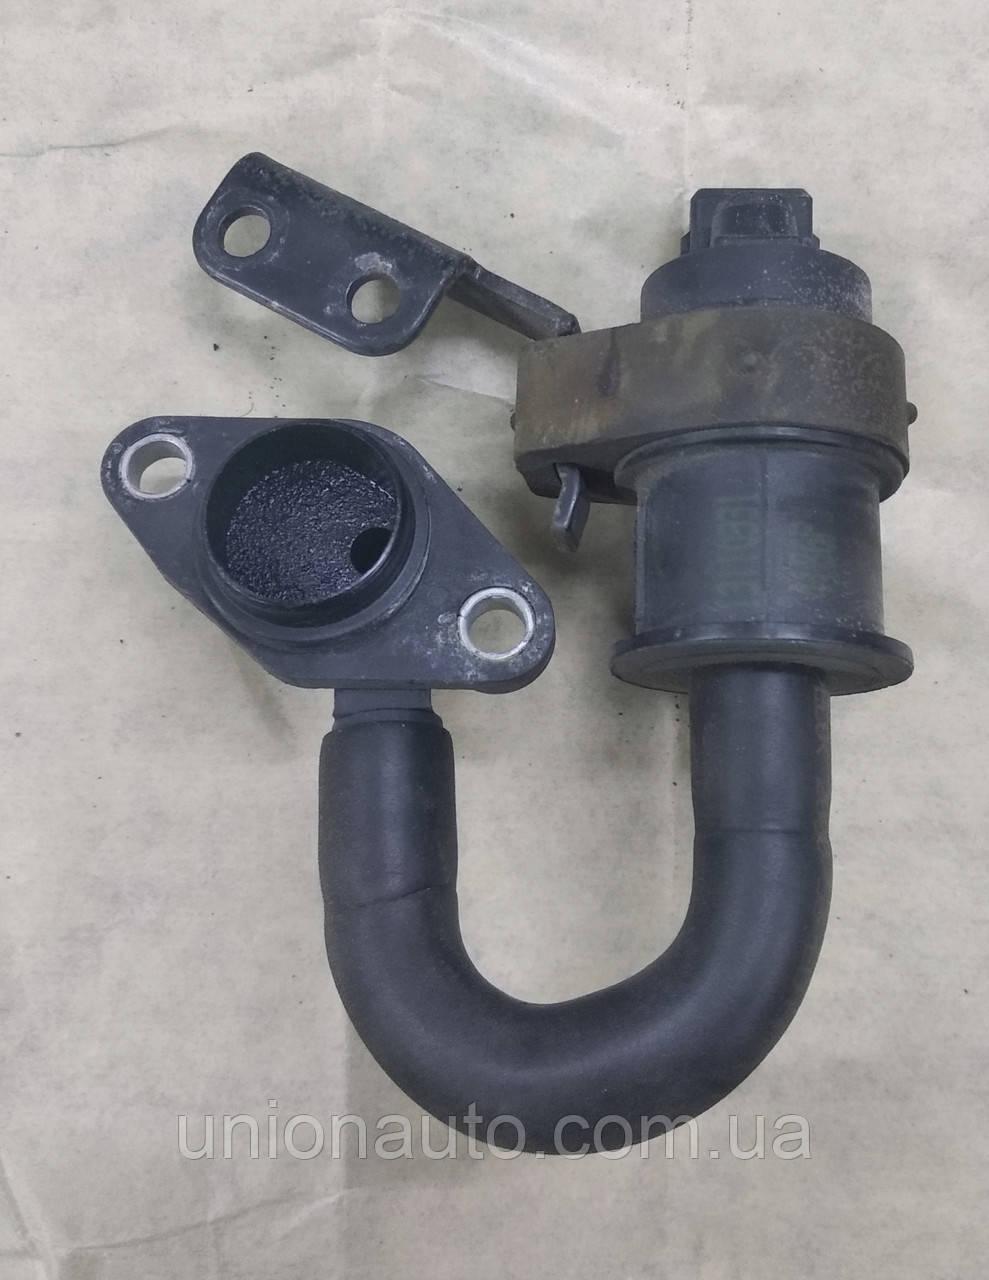 Регулятор, клапан давления подачи топлива Meriwa Zafira Astra 1.6 III H Z16XEP